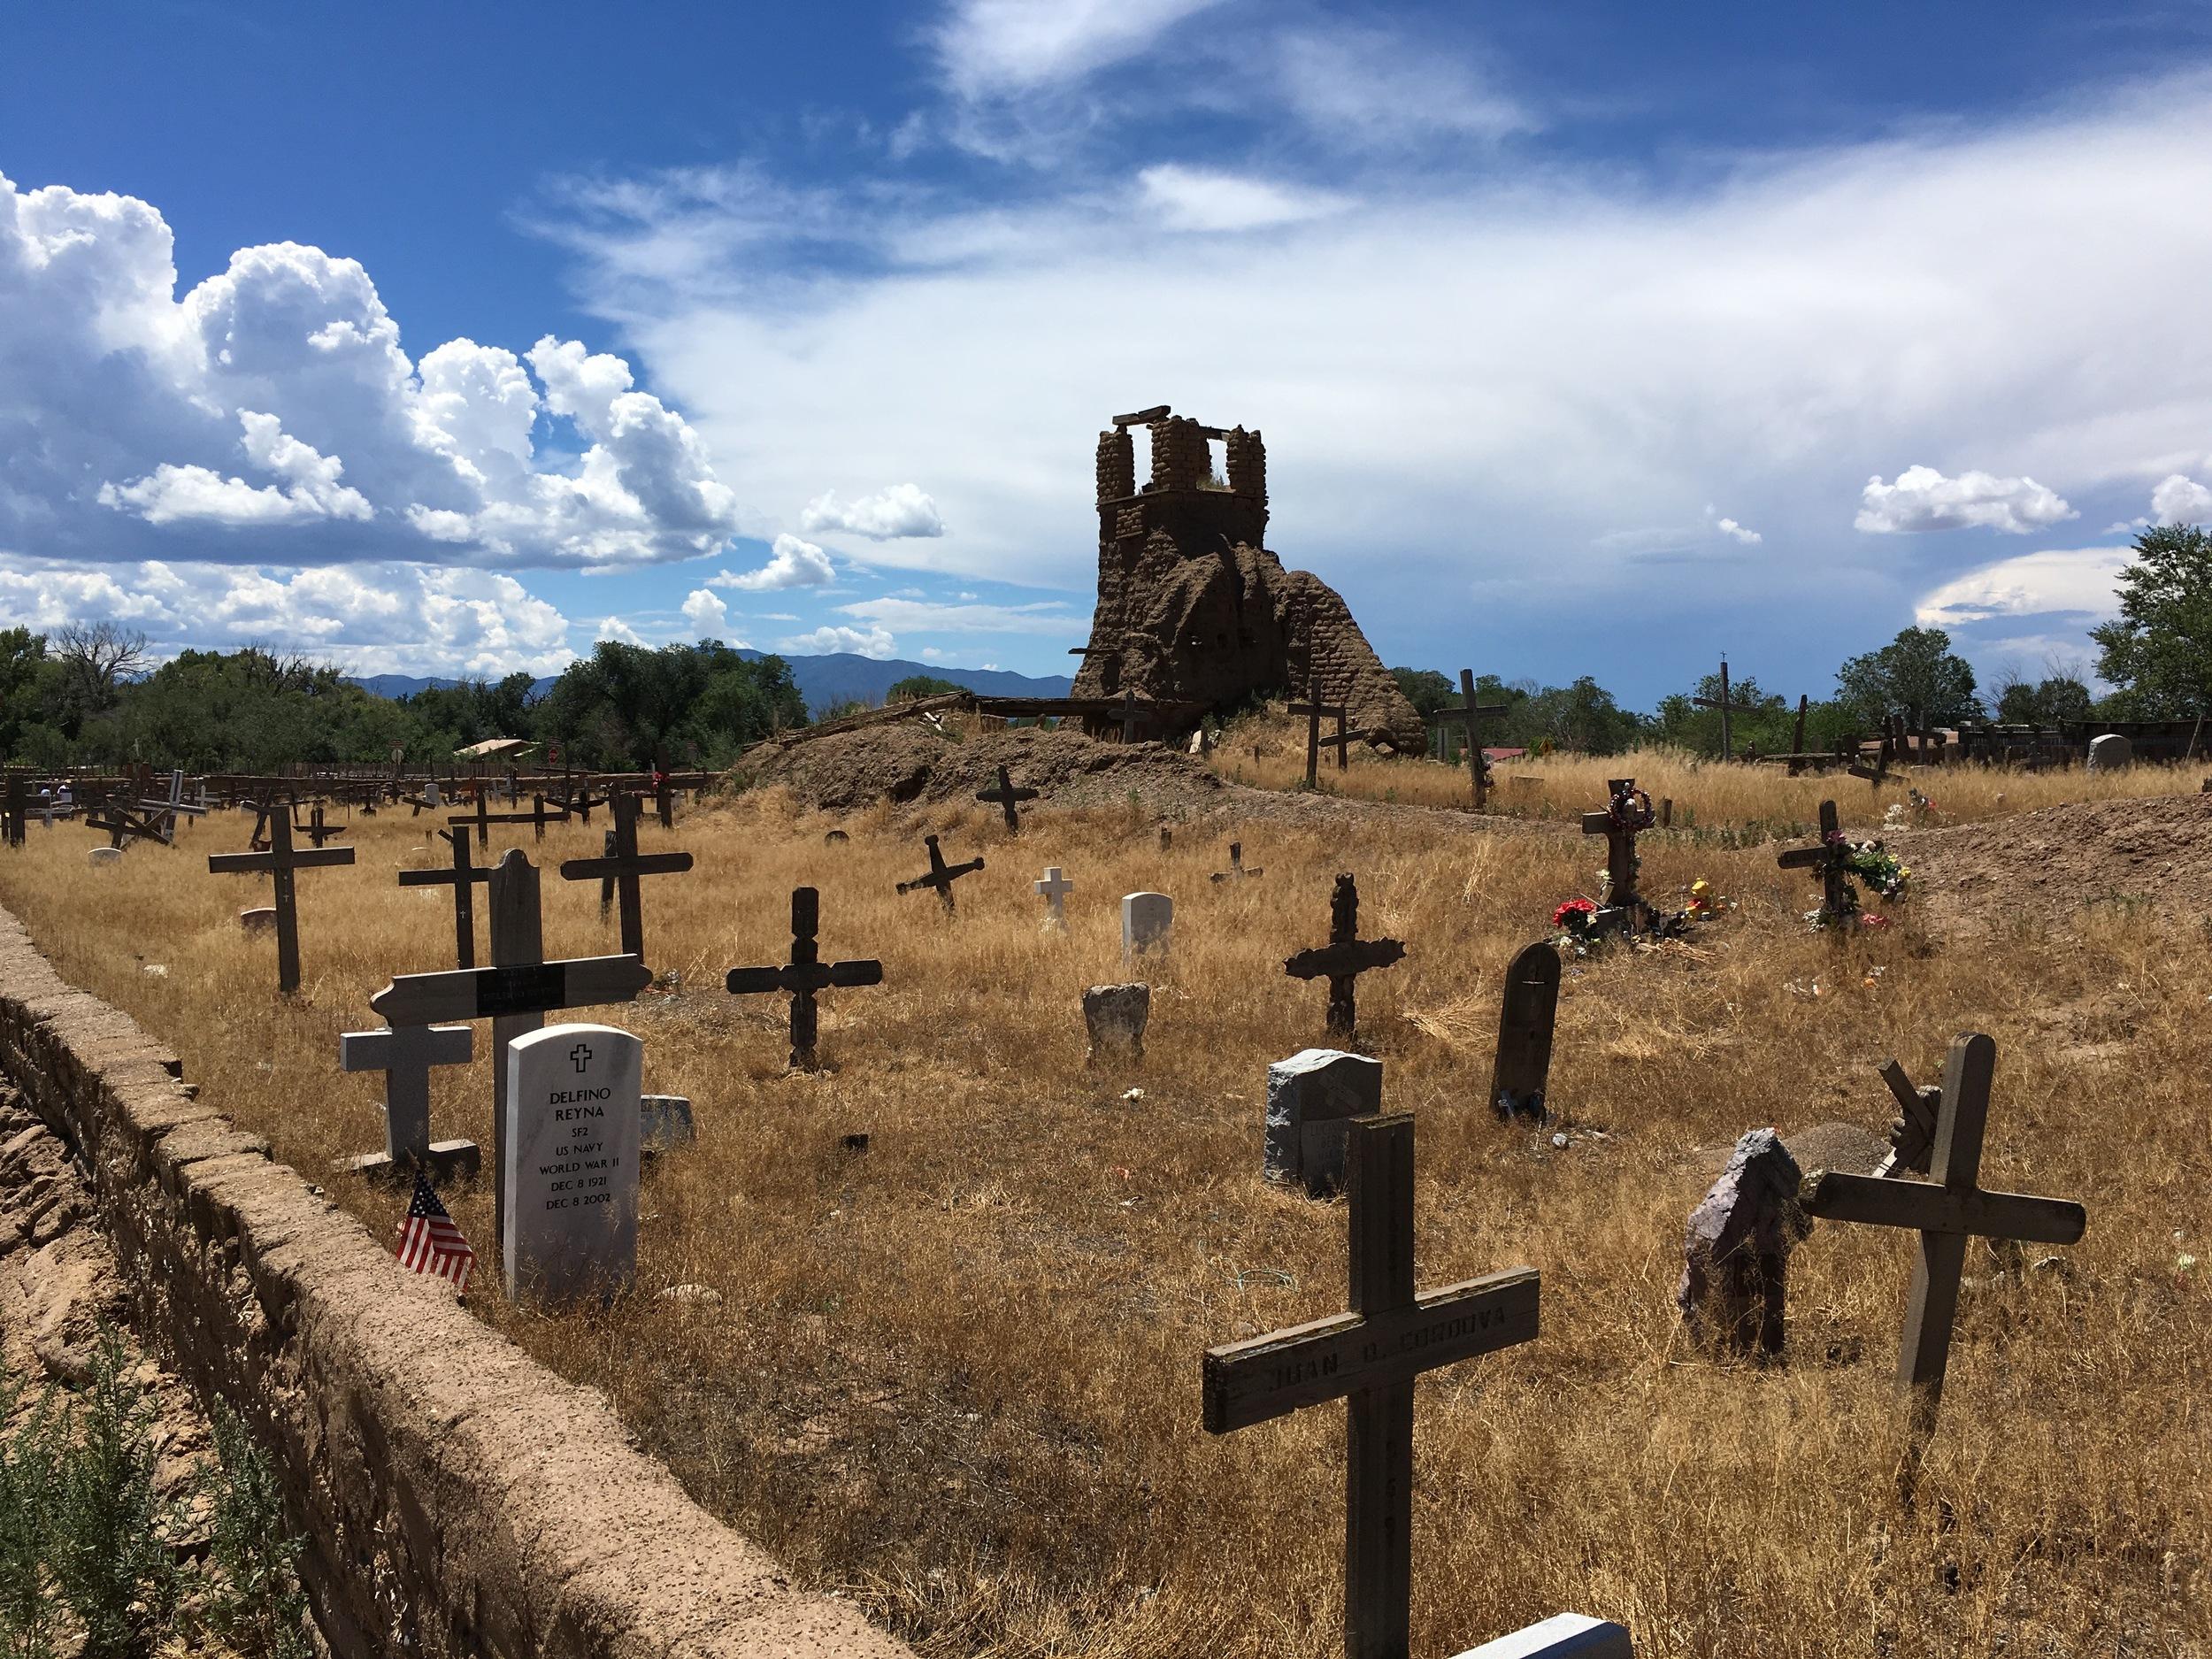 San Geronimo de Taos, destroyed in 1847 by U.S. troops